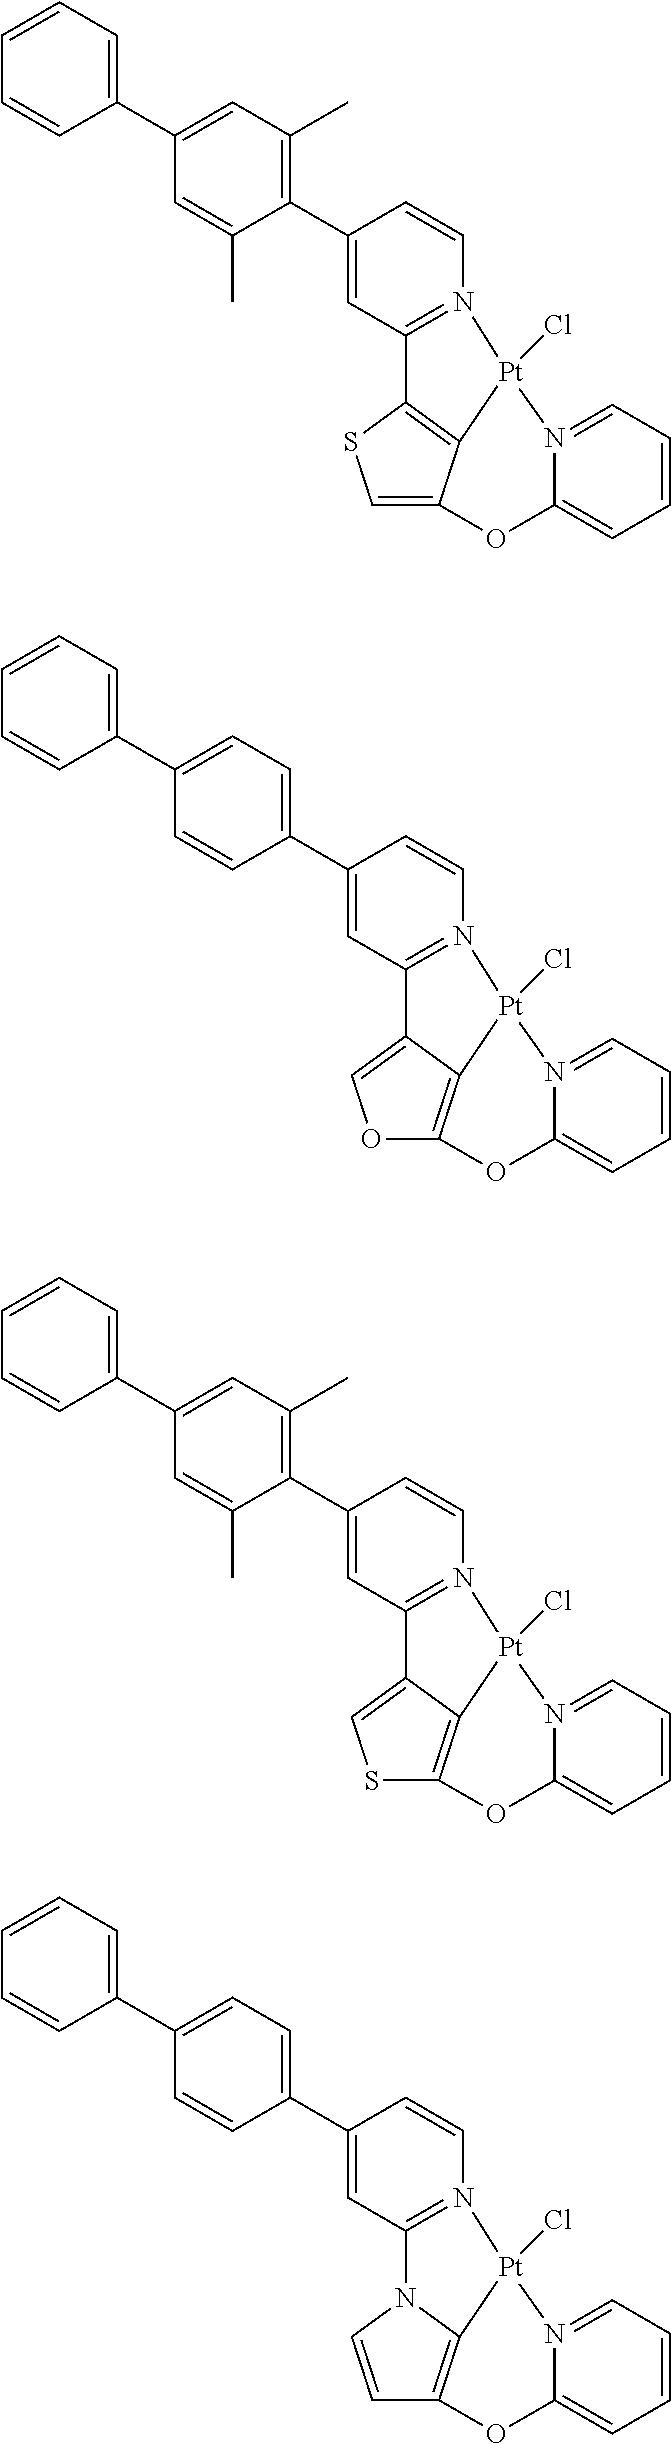 Figure US09818959-20171114-C00159